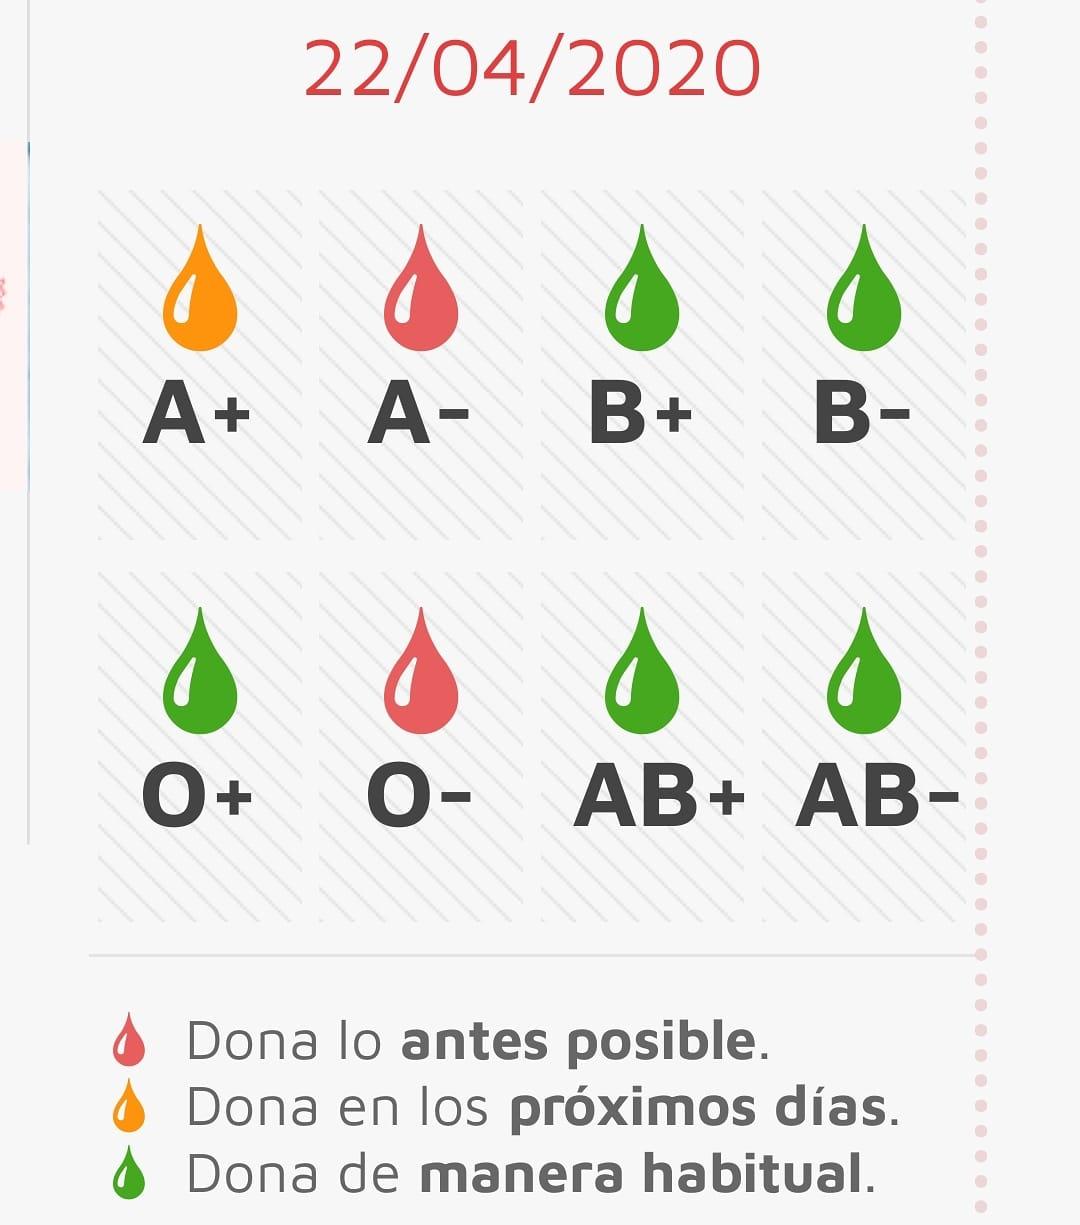 España necesita sangre urgentemente, España necesita ayuda